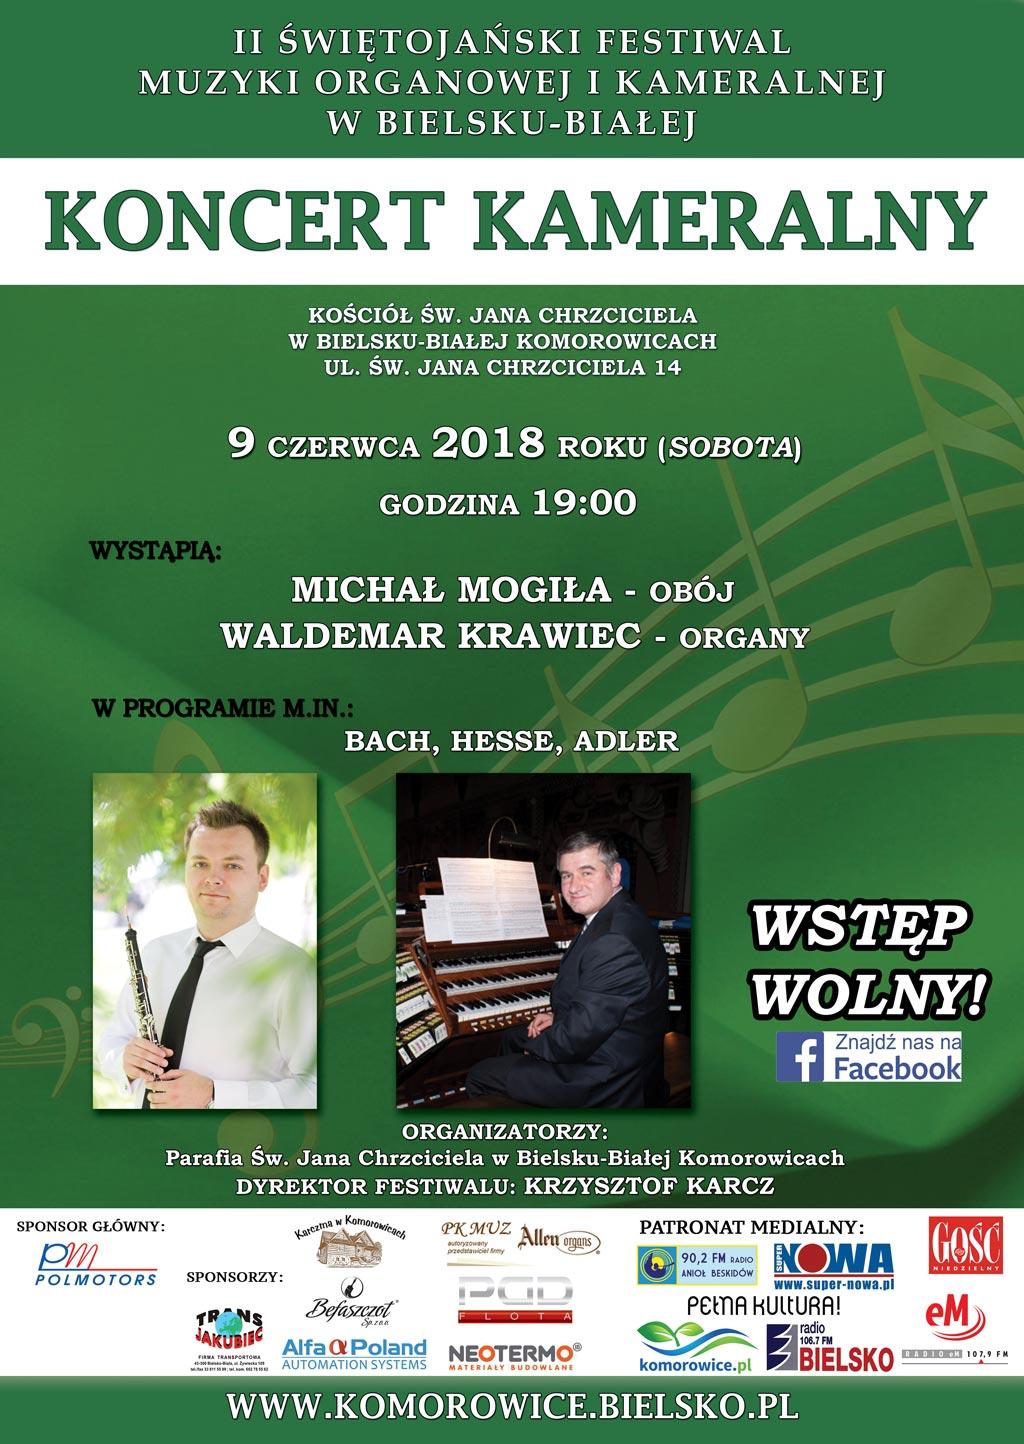 Ii Świętojański Festiwal Muzyki Organowej I Kameralnej W Bielsku-Białej